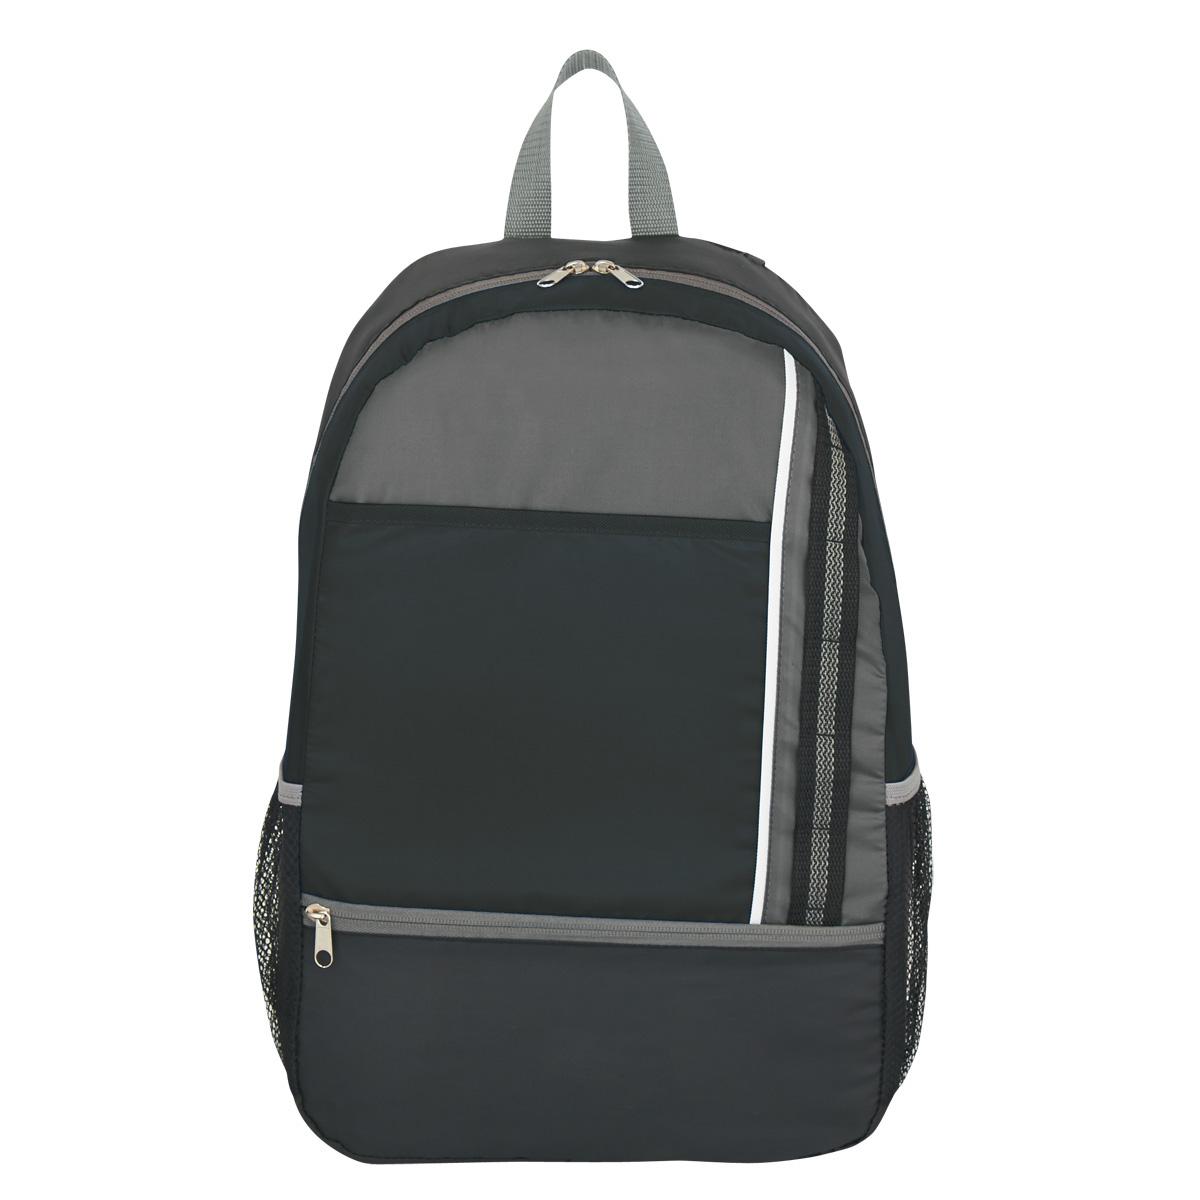 3027 - Backpack deportiva